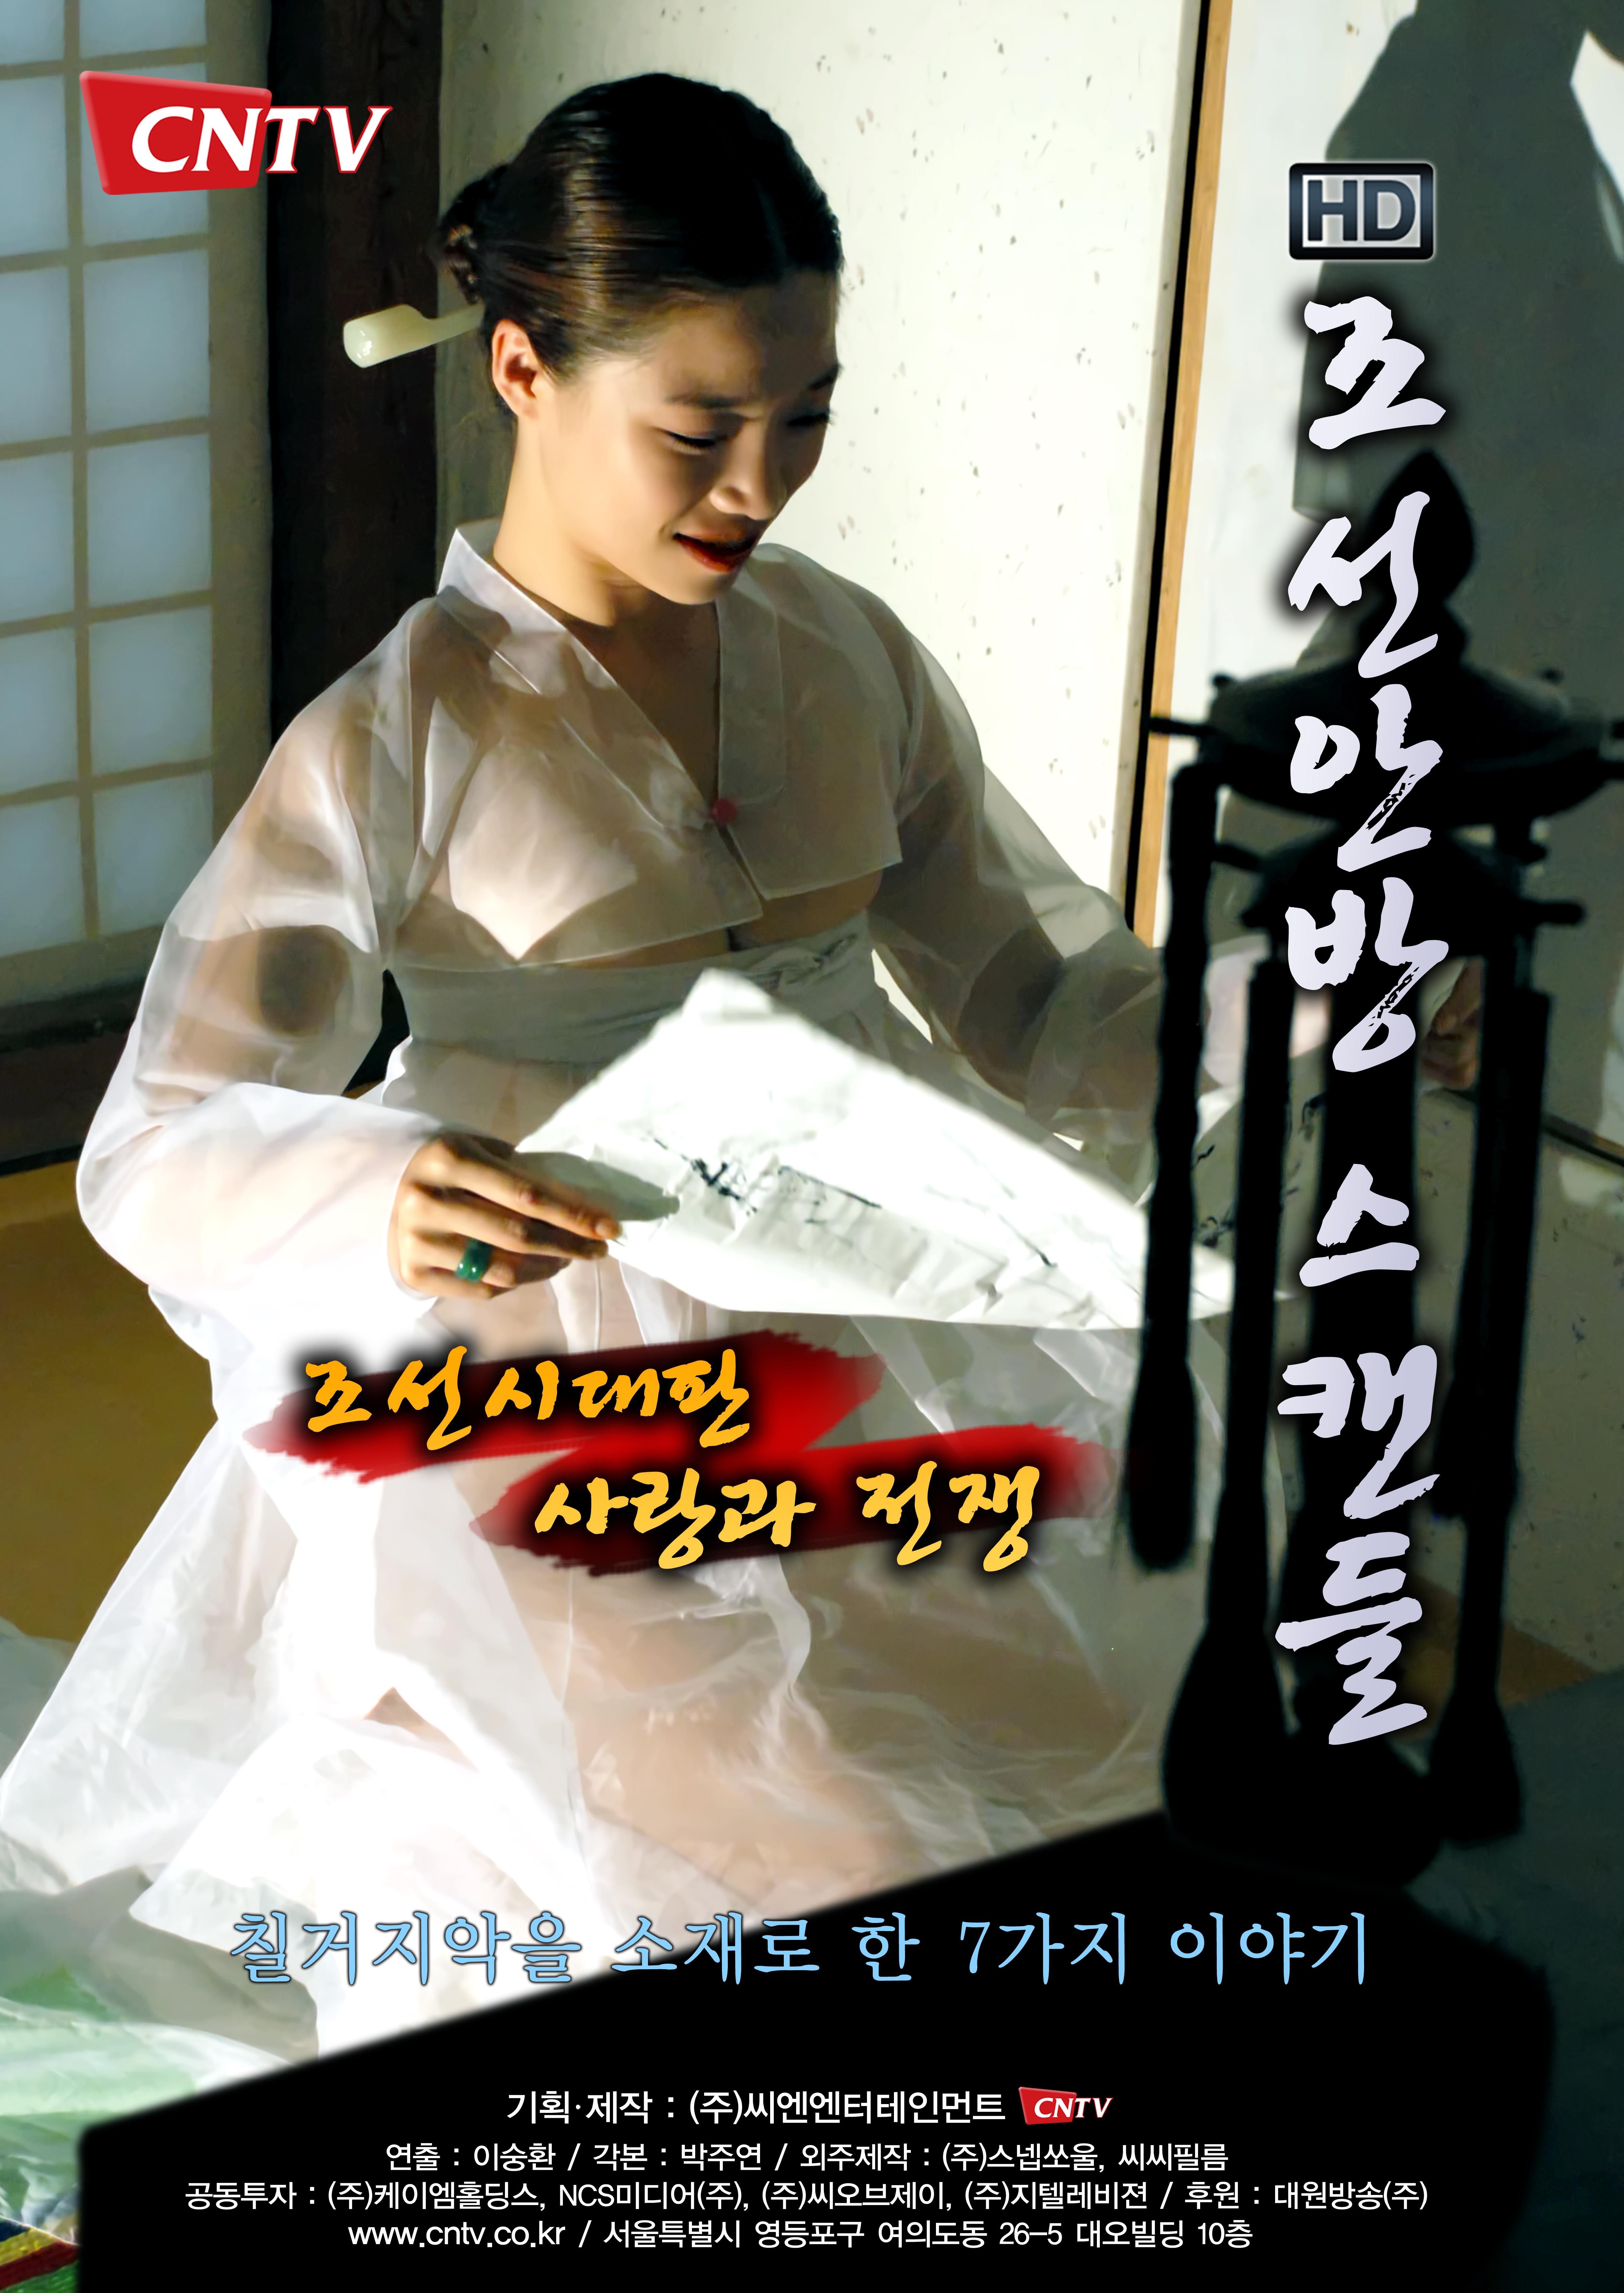 (최종)메인포스터2-조선안방스캔들 copy.jpg